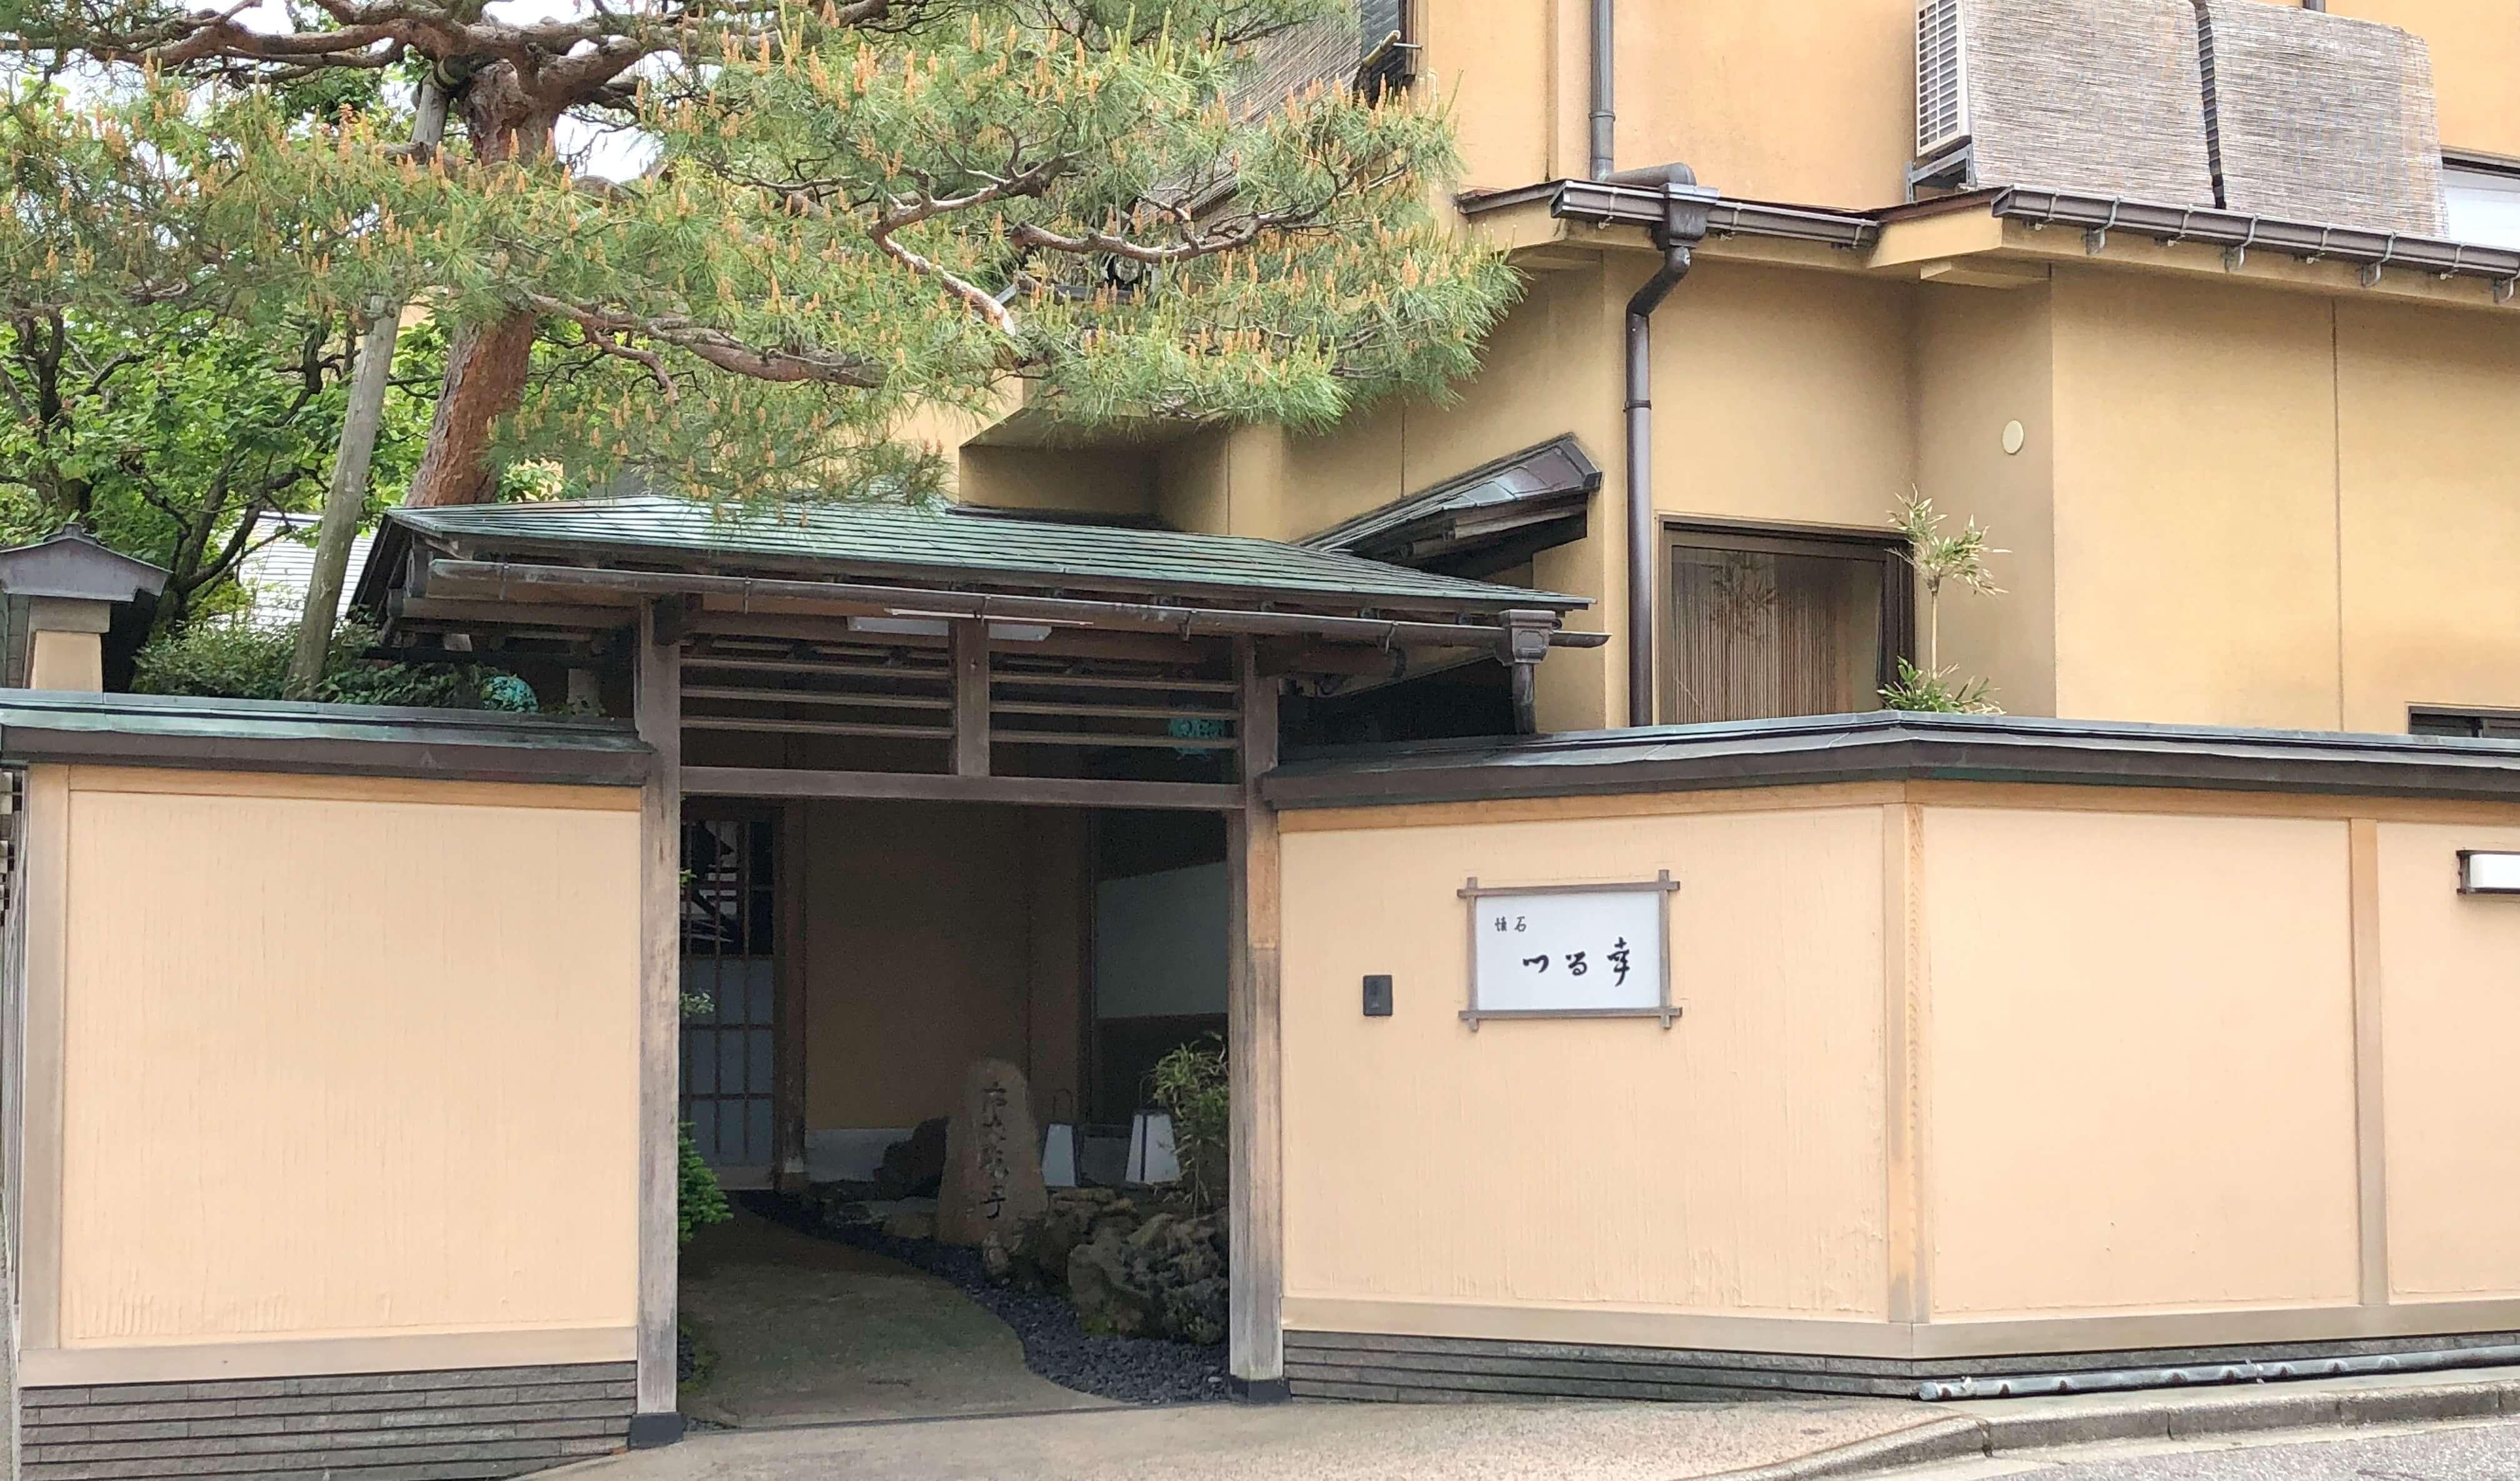 【衝撃】「懐石 つる幸」11月閉店へ